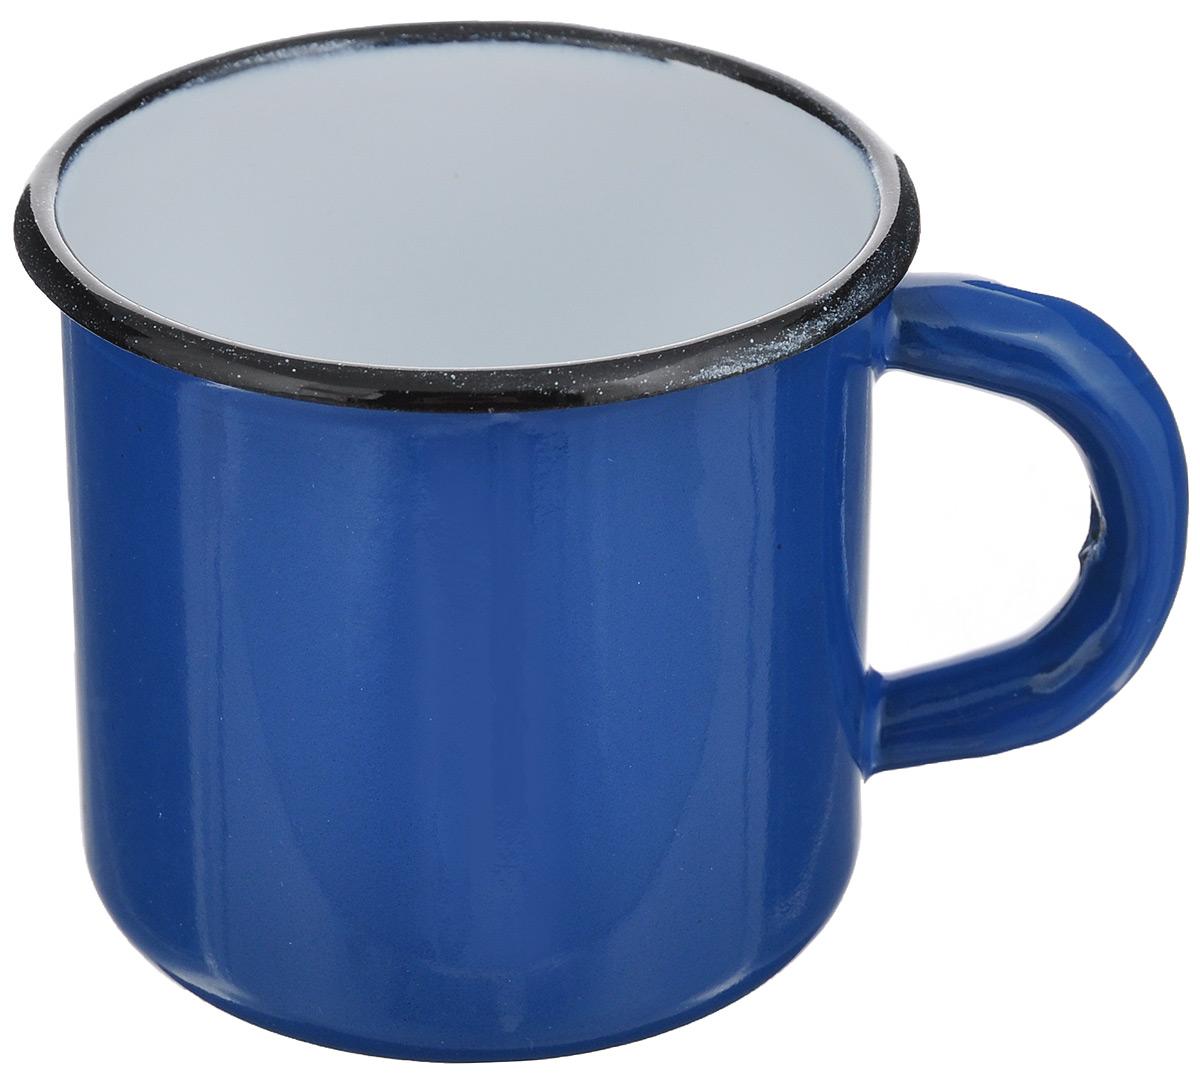 Кружка эмалированная СтальЭмаль, цвет: синий, 250 мл2с1яКружка СтальЭмаль, изготовленная из высококачественной стали с эмалированным покрытием, оснащена удобной ручкой. Такая кружка не требует особого ухода и ее легко мыть. Благодаря классическому дизайну и удобству в использовании кружка займет достойное место на вашей кухне.